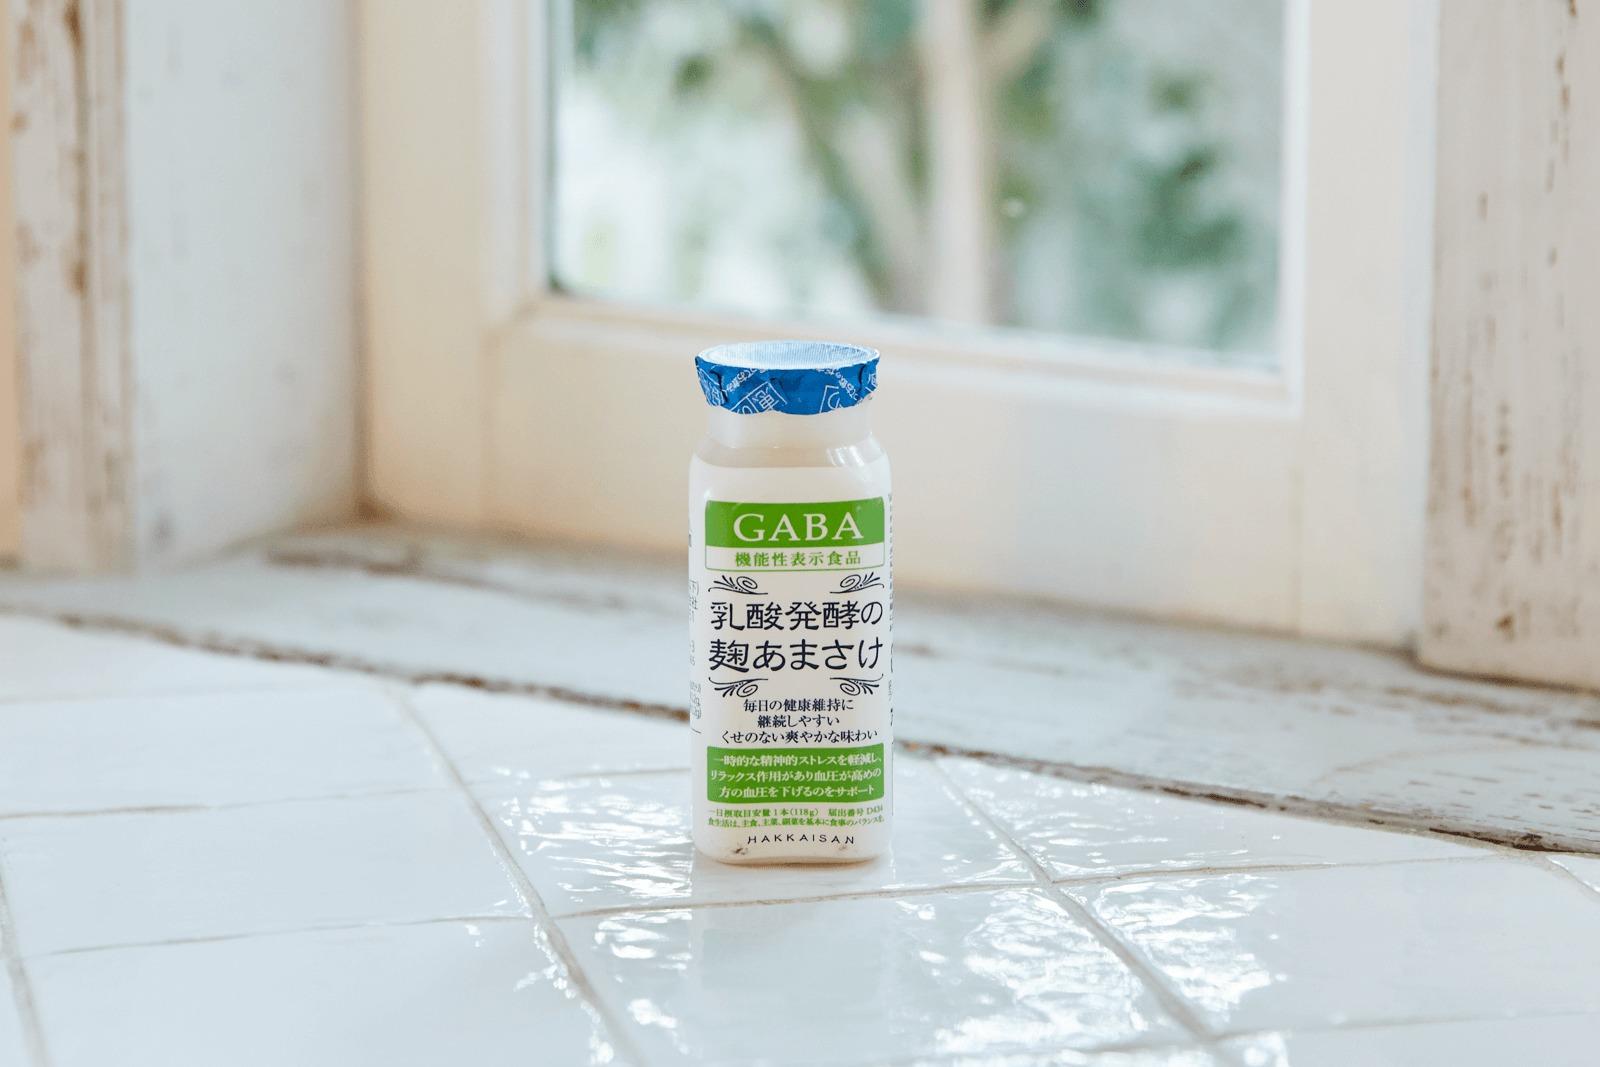 乳酸発酵の麹あまさけ GABA